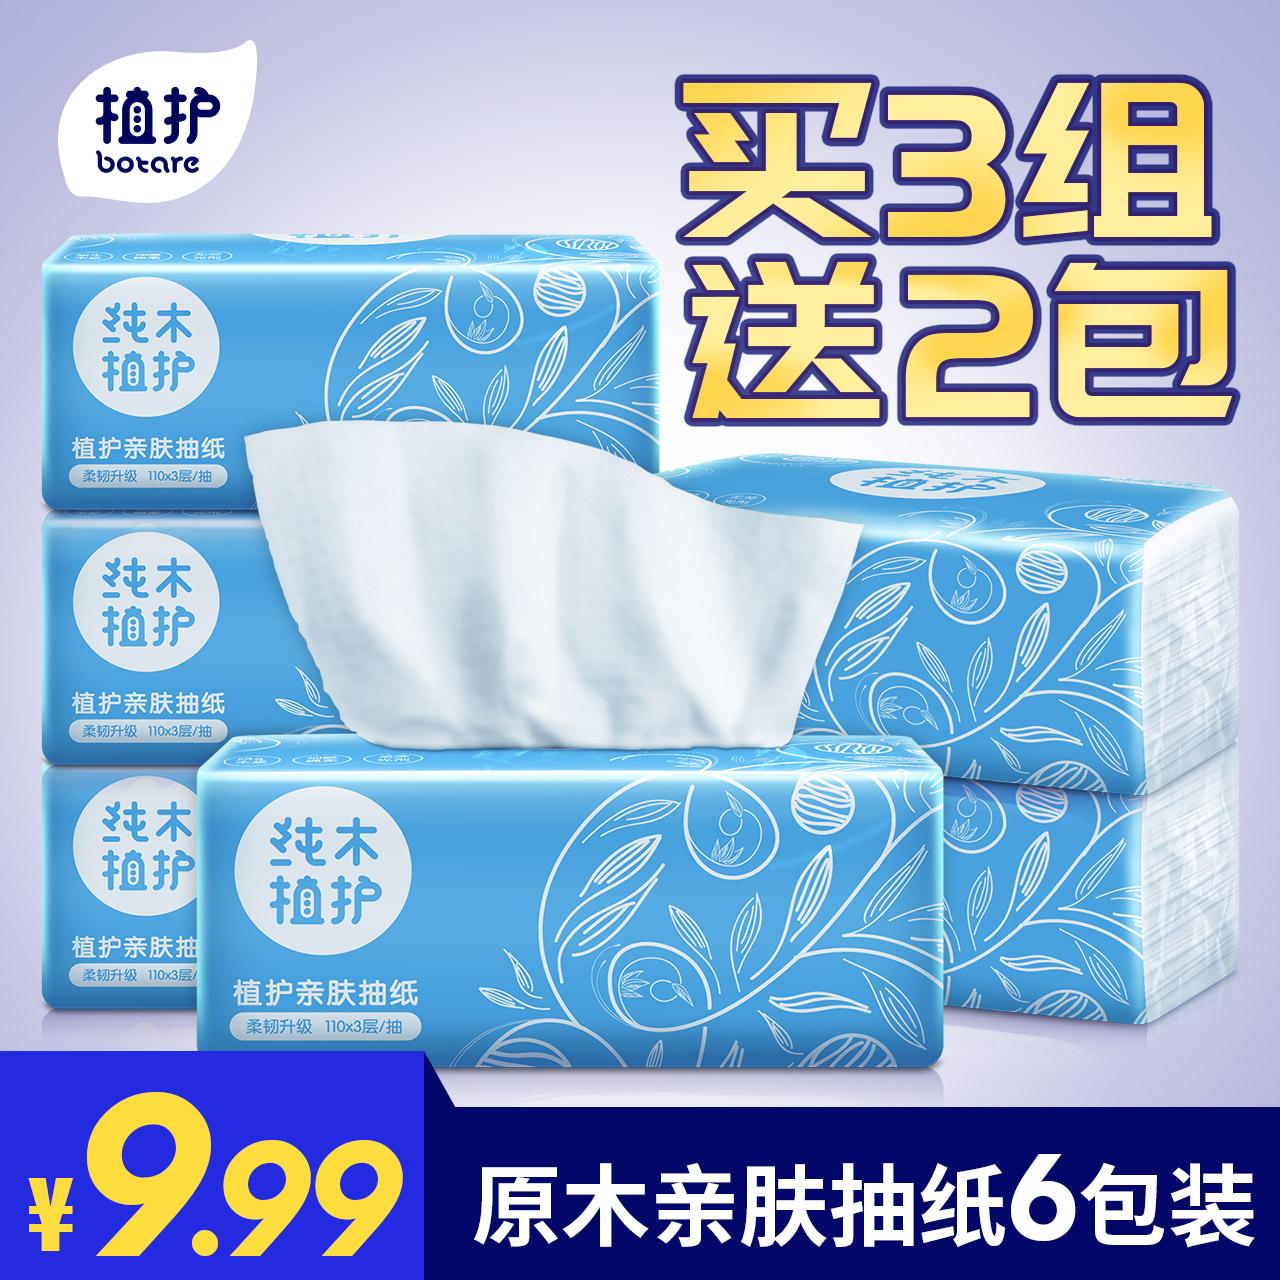 植护抽纸批发卫生纸巾餐巾纸抽家庭装家用9.9元包邮特价清仓天天